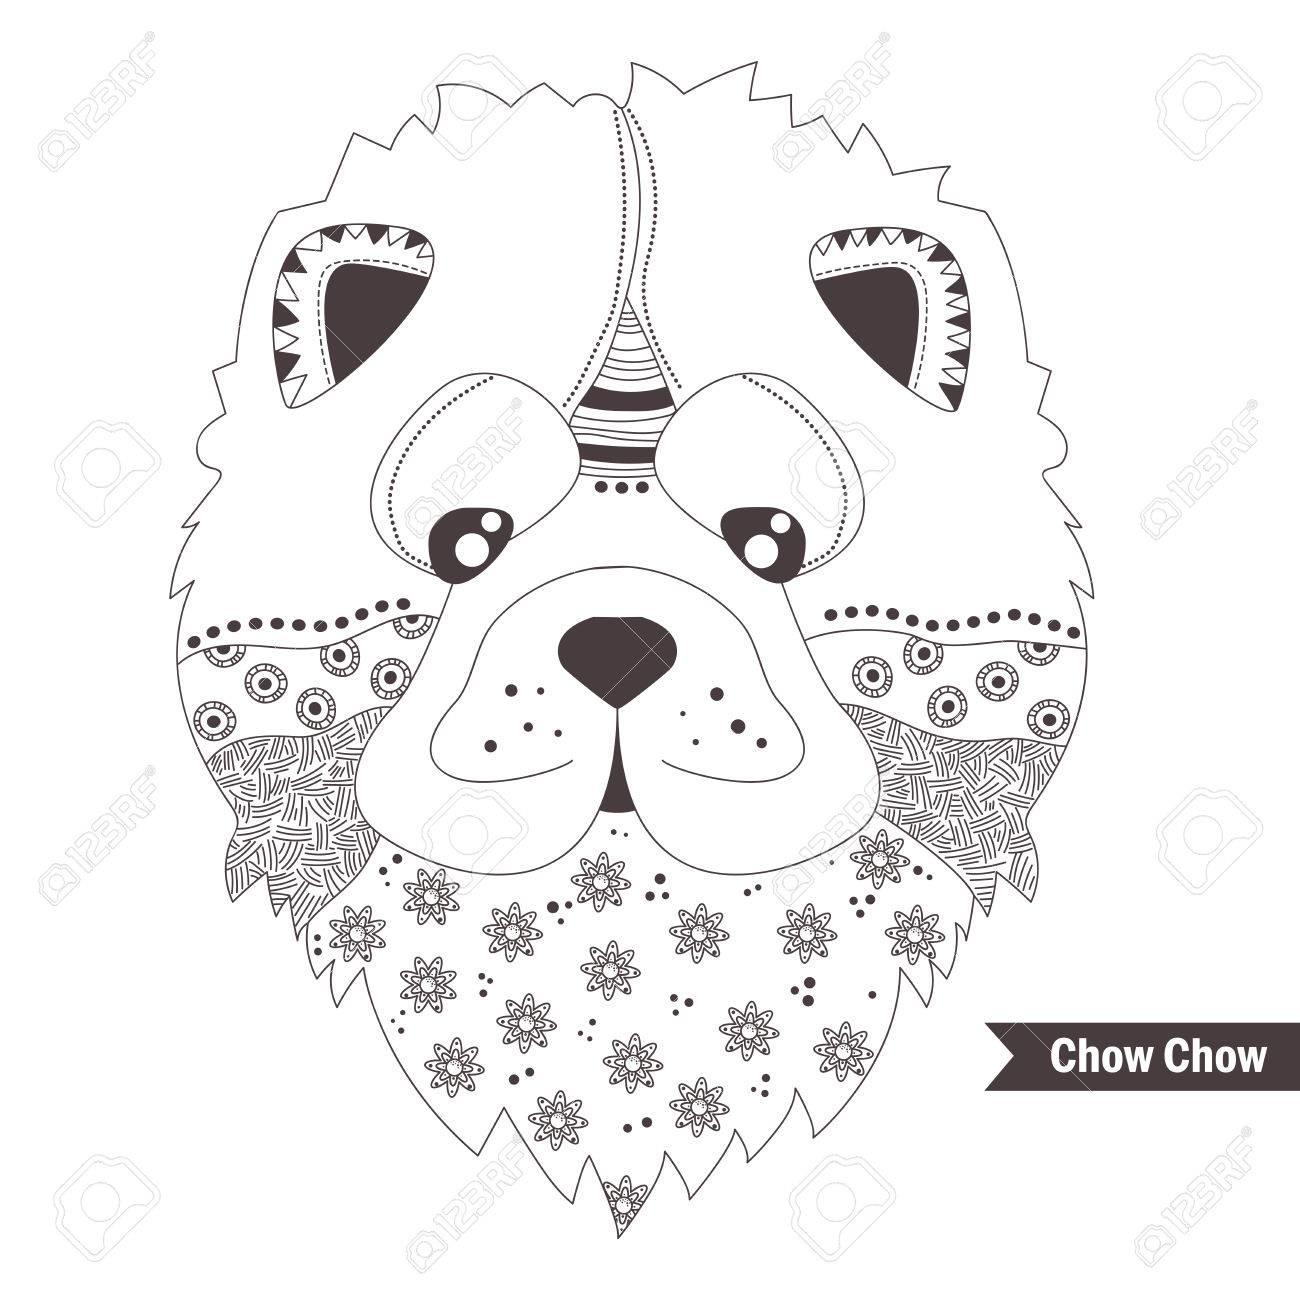 Coloriage Anti Stress Chien.Chow Chow Chien Coloriage Livre Pour Adultes Des Pages A Colorier